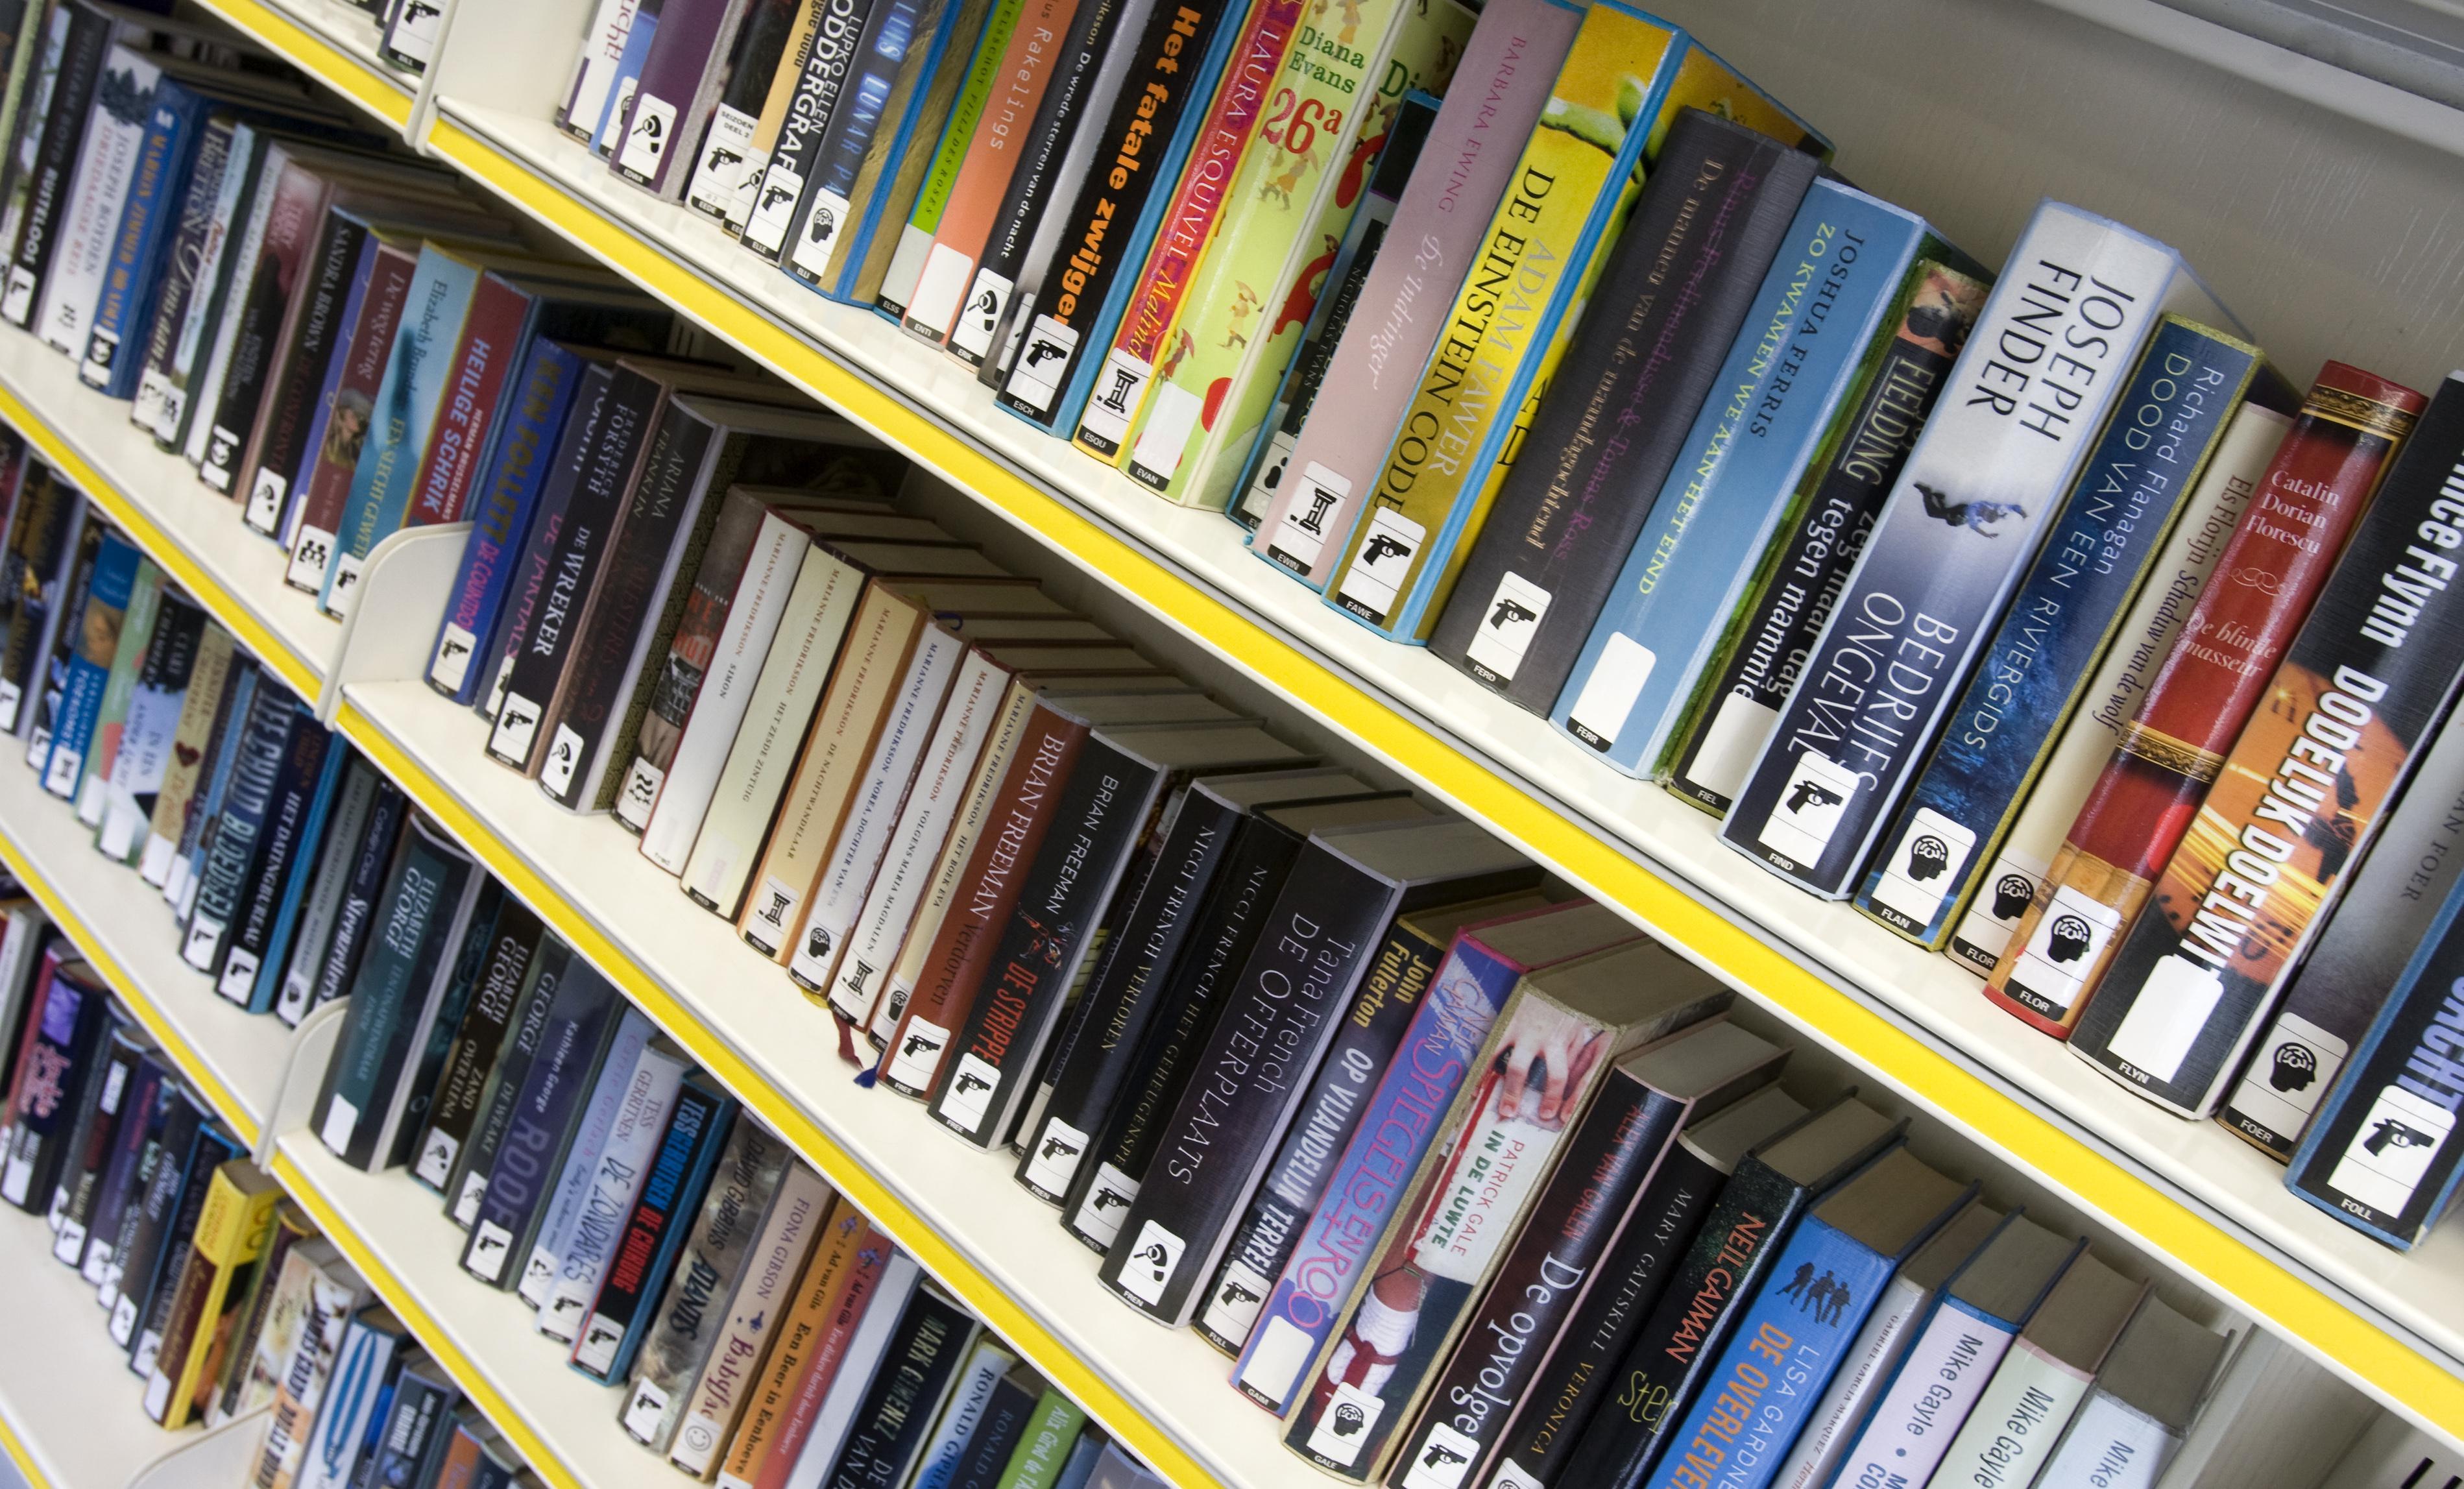 Bibliotheek verwijdert boeken met stereotype Zwarte Piet: 'Als ouders dat aan hun kinderen willen aanbieden, dan kunnen ze daarvoor niet meer bij ons terecht'